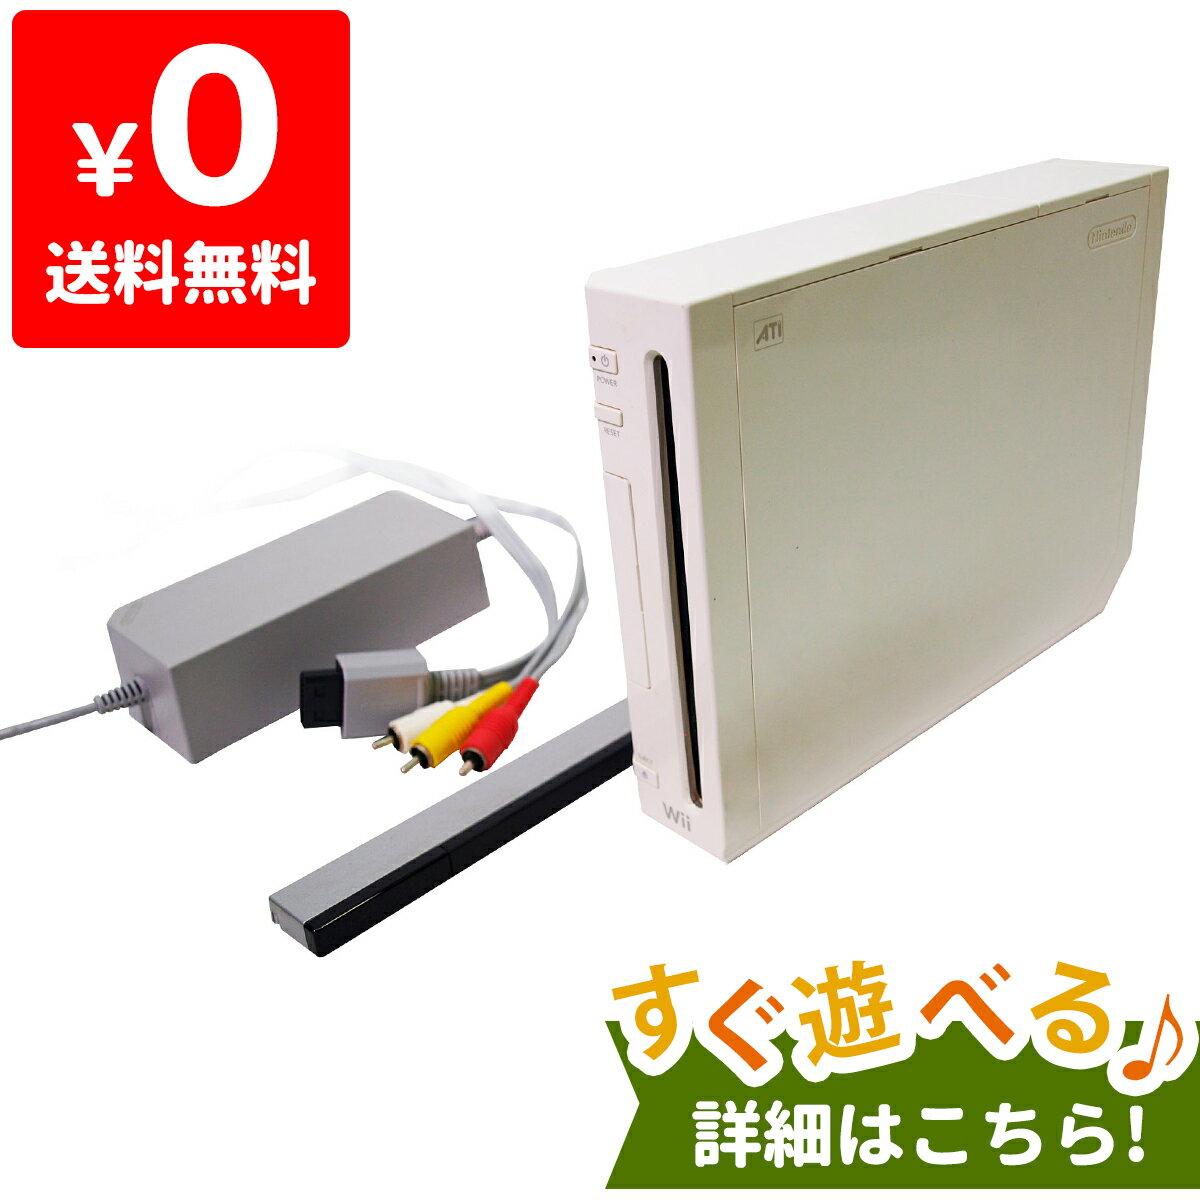 Wii ウィー ニンテンドーWii 本体 中古 白 シロ 4点セット Nintendo 任天堂 ニンテンドー 4902370516227 送料無料 【中古】